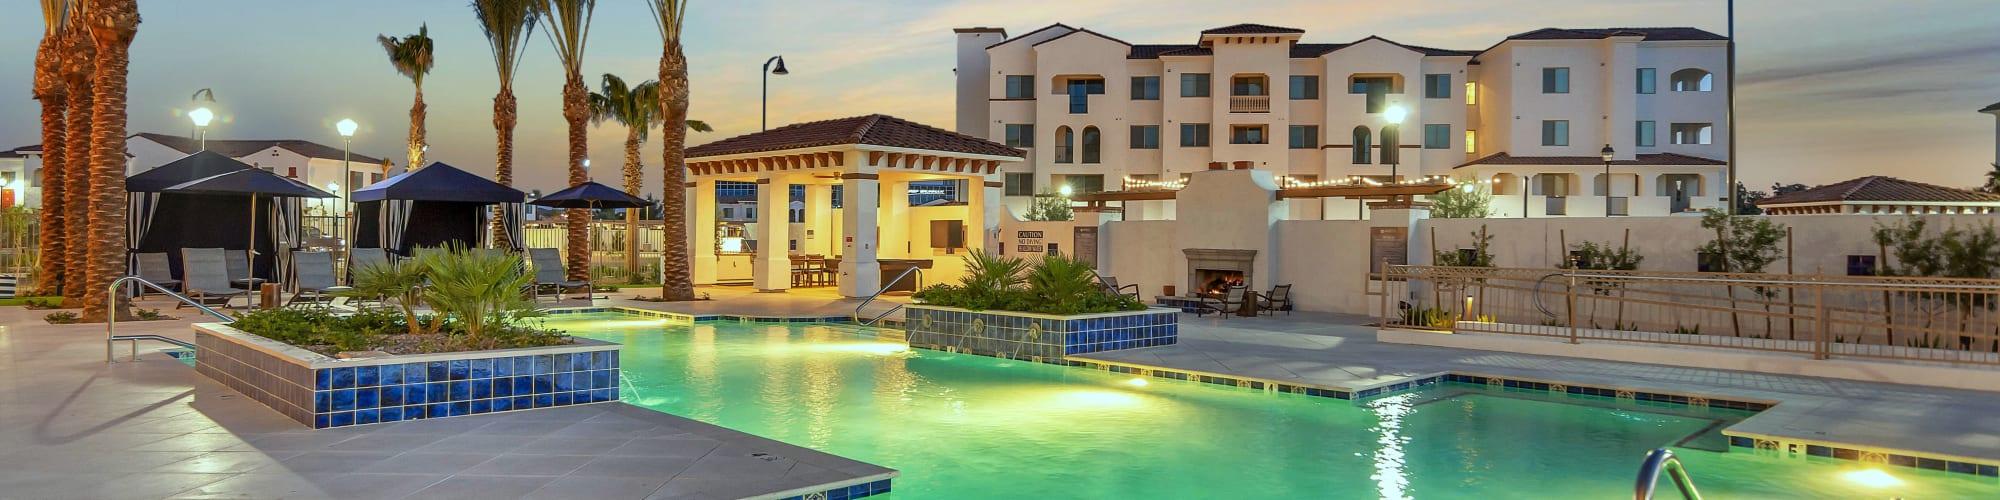 Contact us at Arista at Ocotillo in Chandler, Arizona